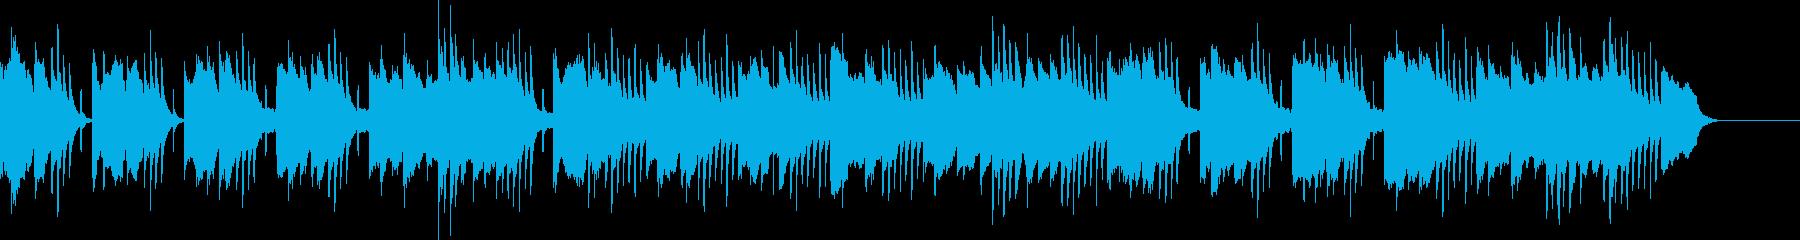 軽快で明るく可愛らしい曲/ミニゲームの再生済みの波形